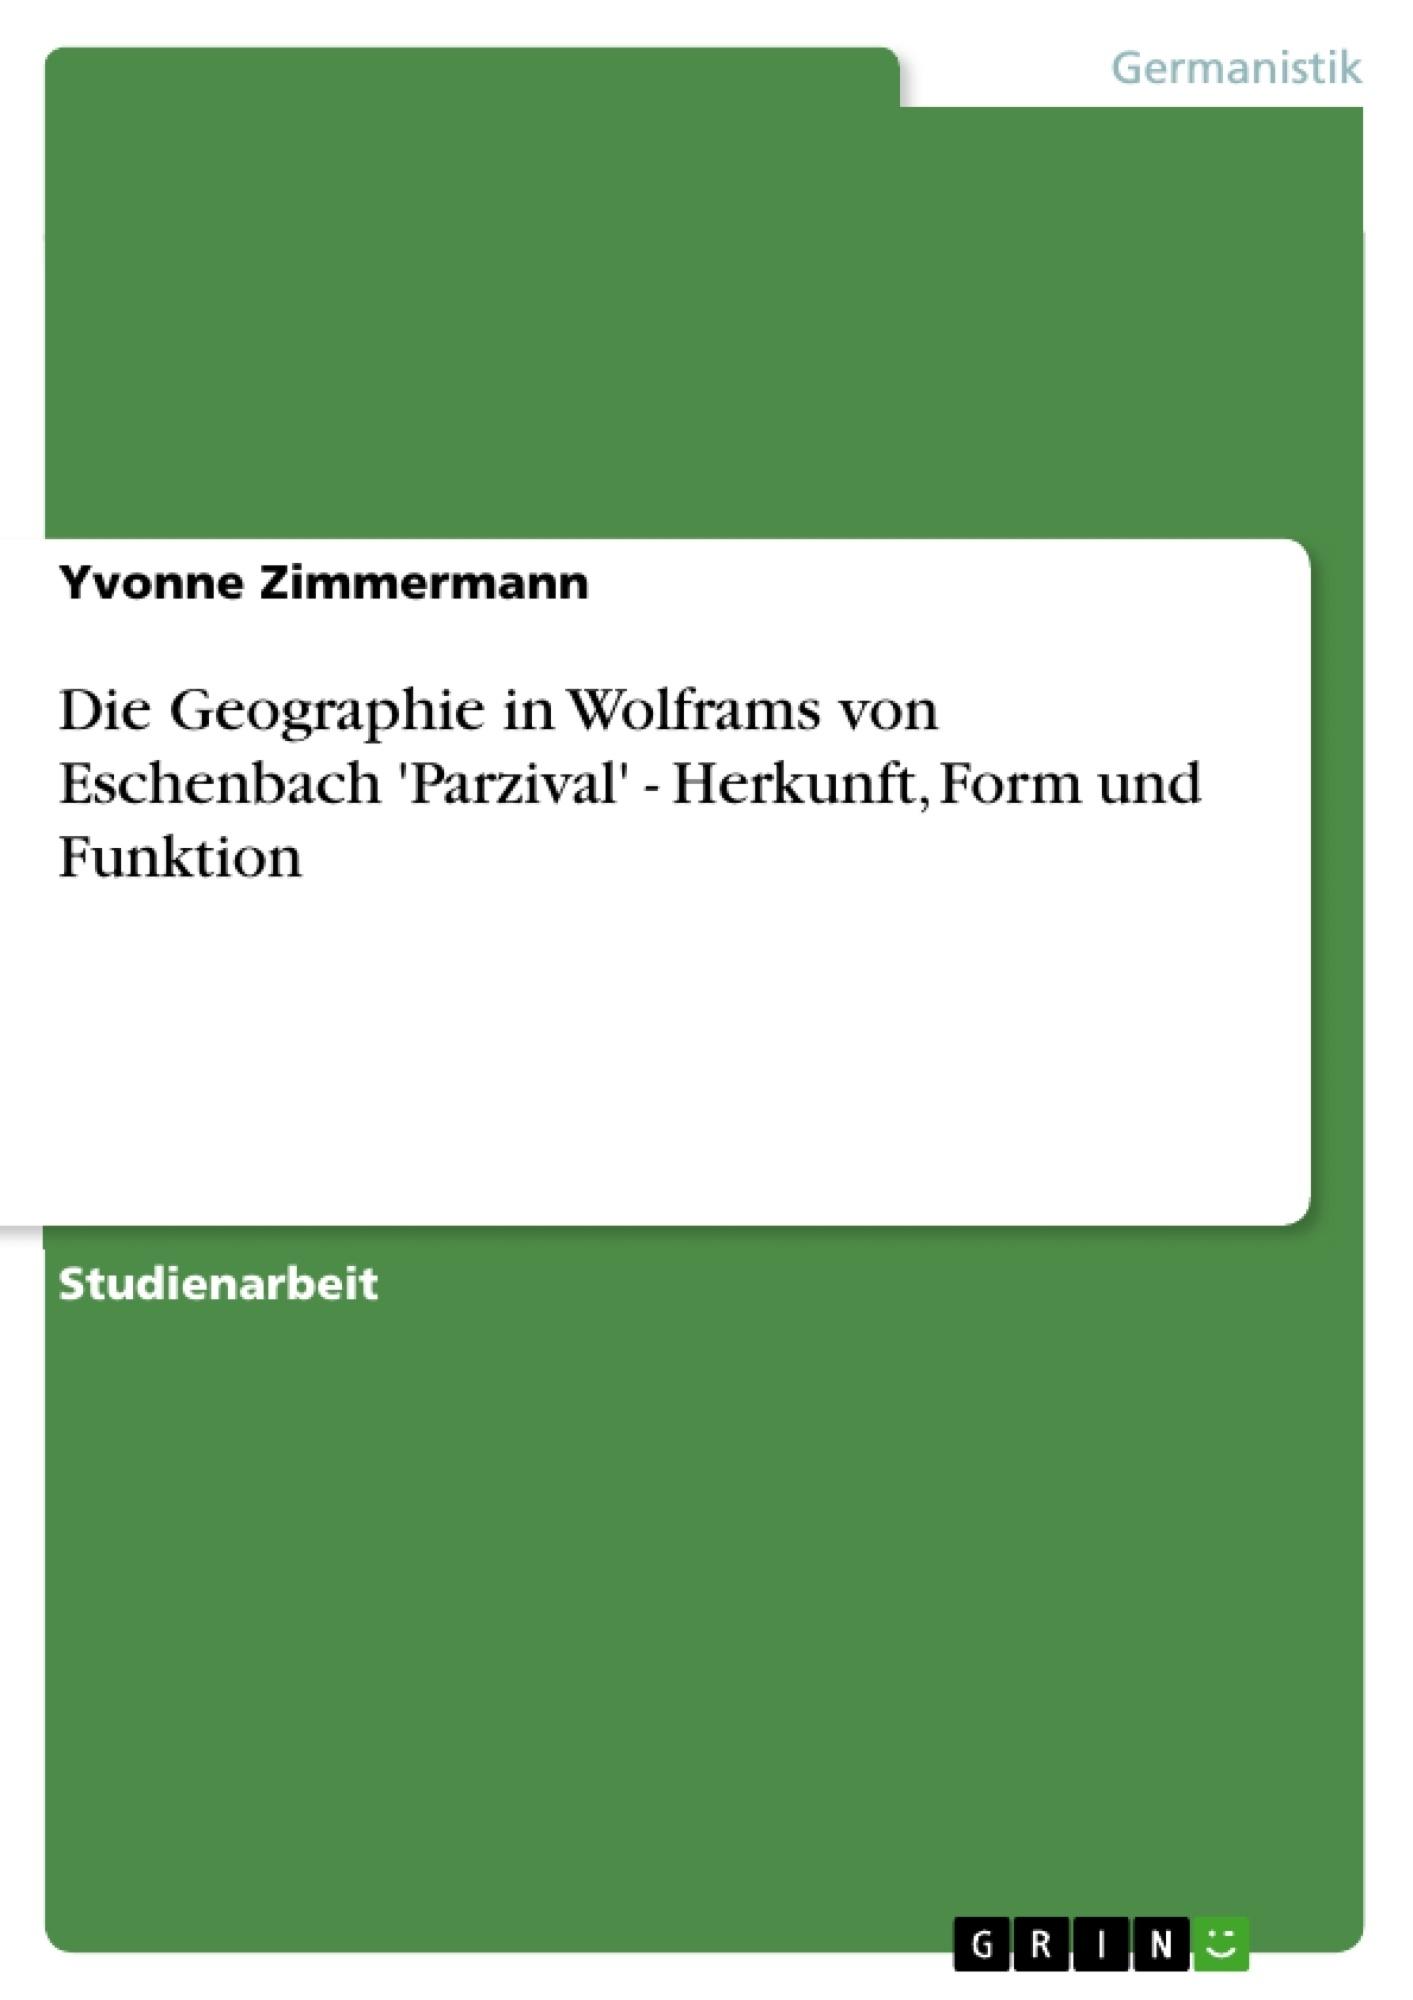 Titel: Die Geographie in Wolframs von Eschenbach 'Parzival' - Herkunft, Form und Funktion